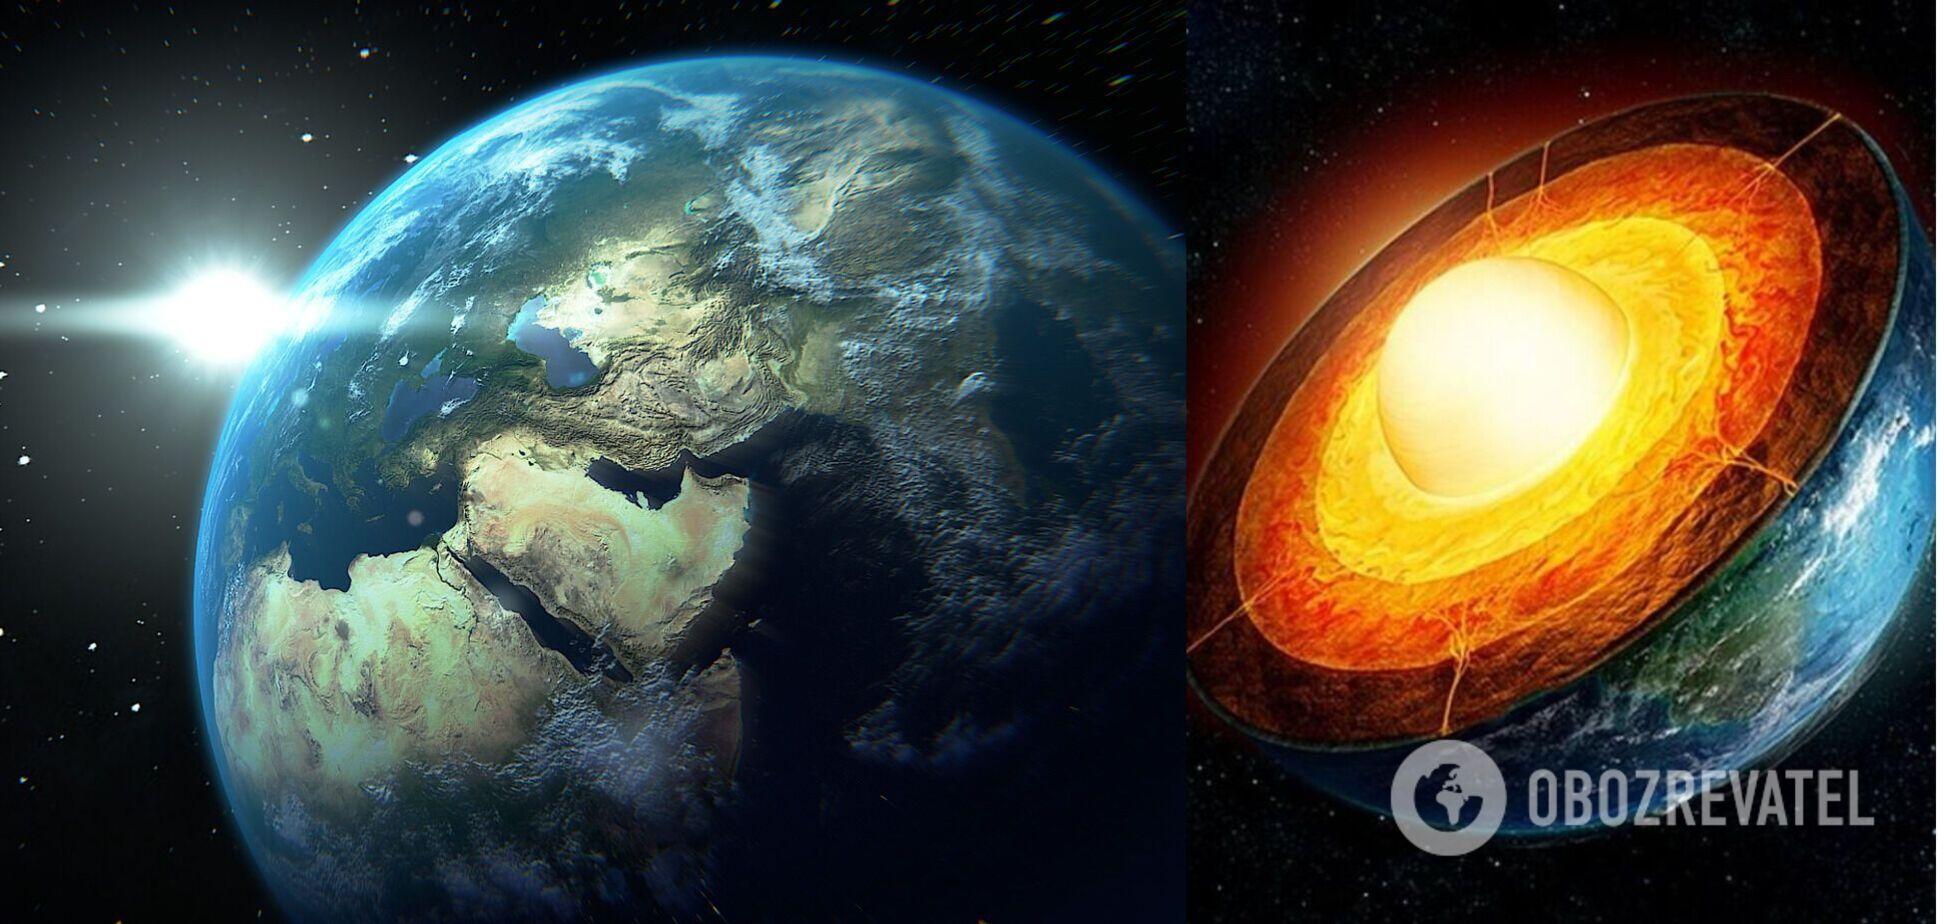 Внутри Земли нашли неизвестную скрытую структуру